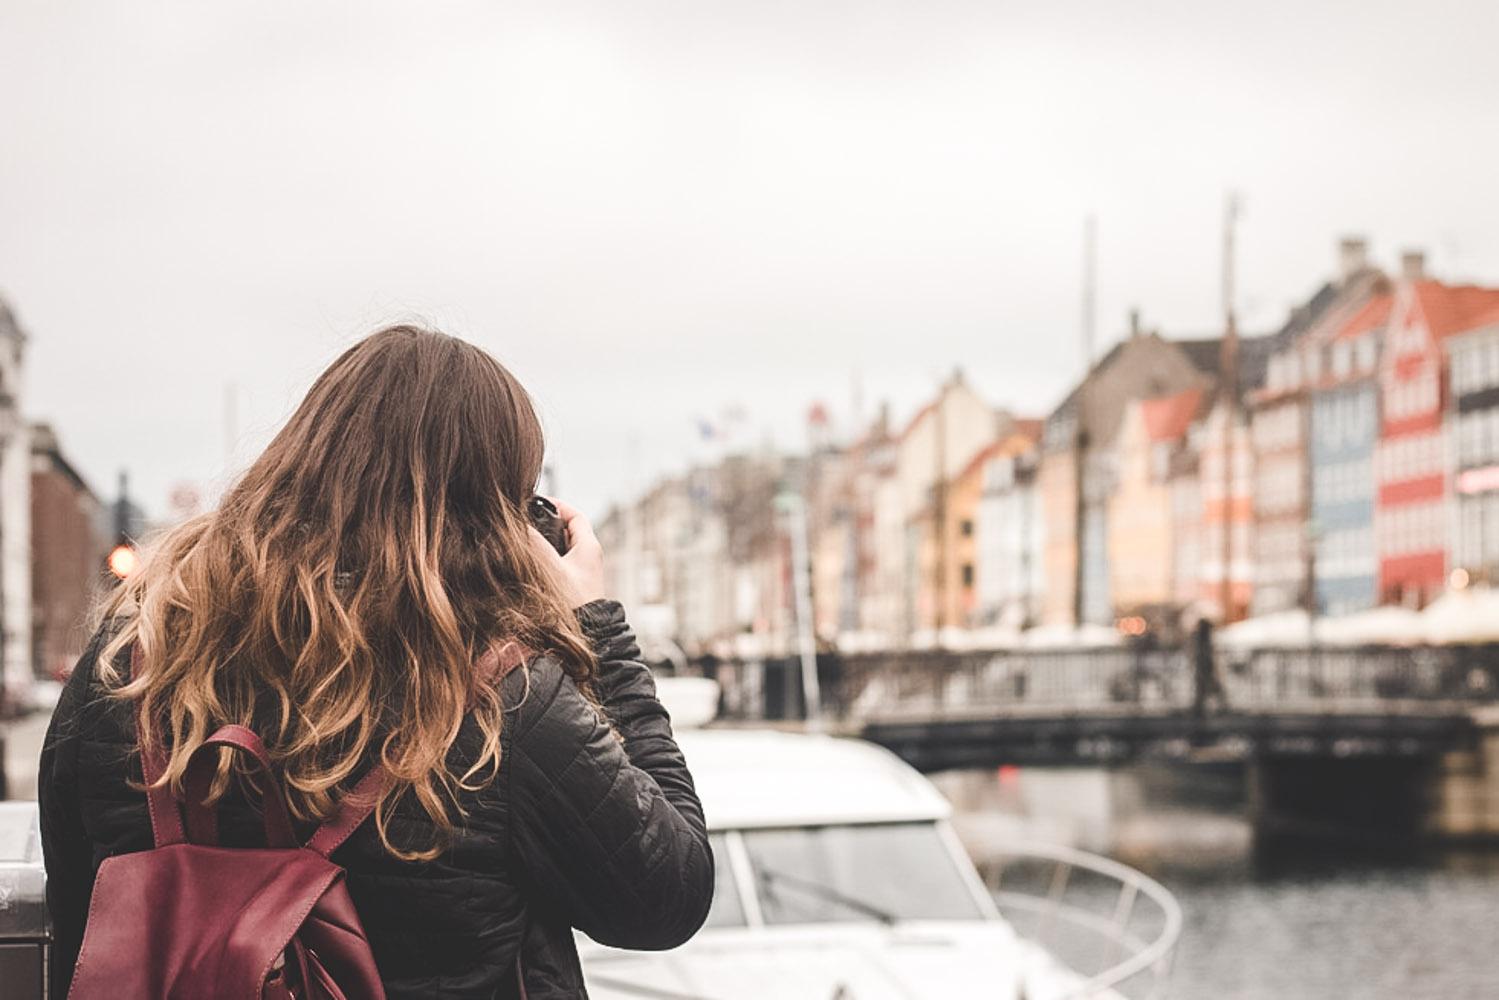 Taking photos in Nyhavn, Copenhagen